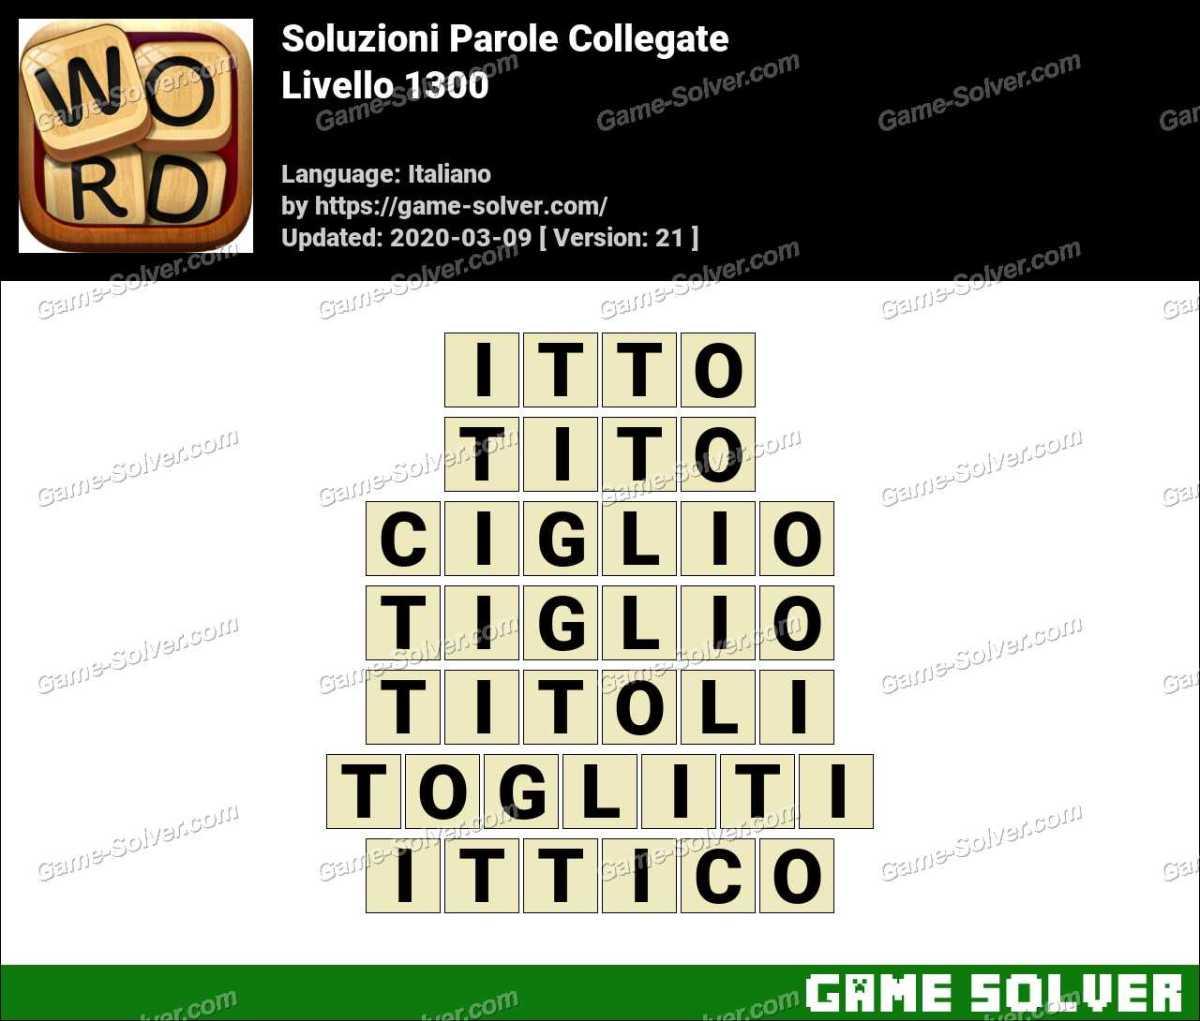 Soluzioni Parole Collegate Livello 1300